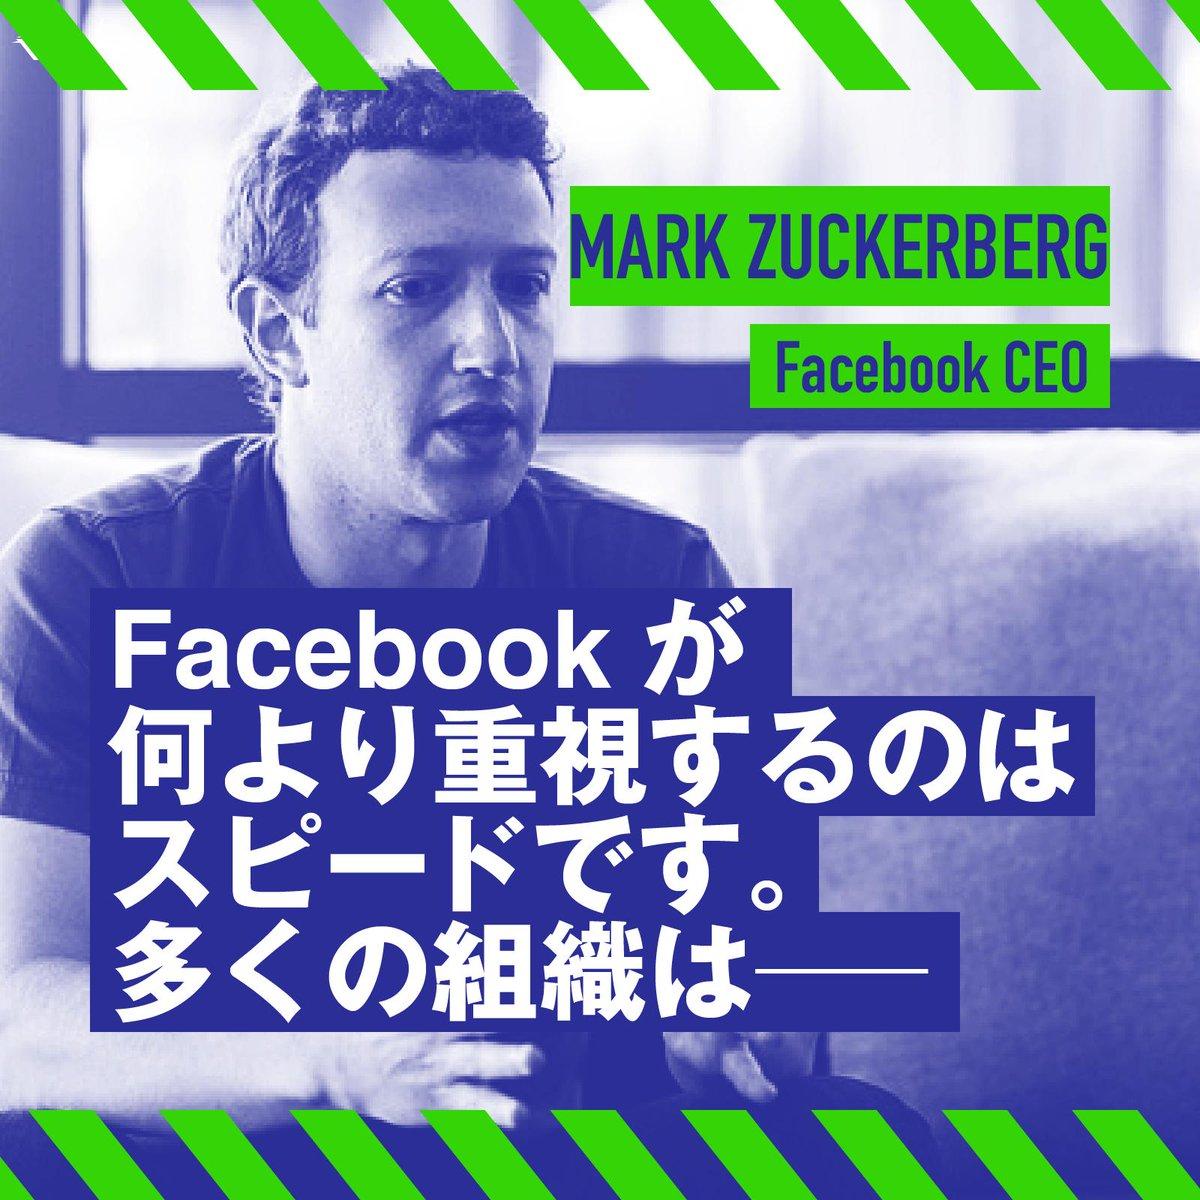 「多くの組織は、「正直であれ」みたいな、どうでもいいことを重視しています。」Facebookマーク・ザッカーバーグが重視することとは?インタビューを読む 👉